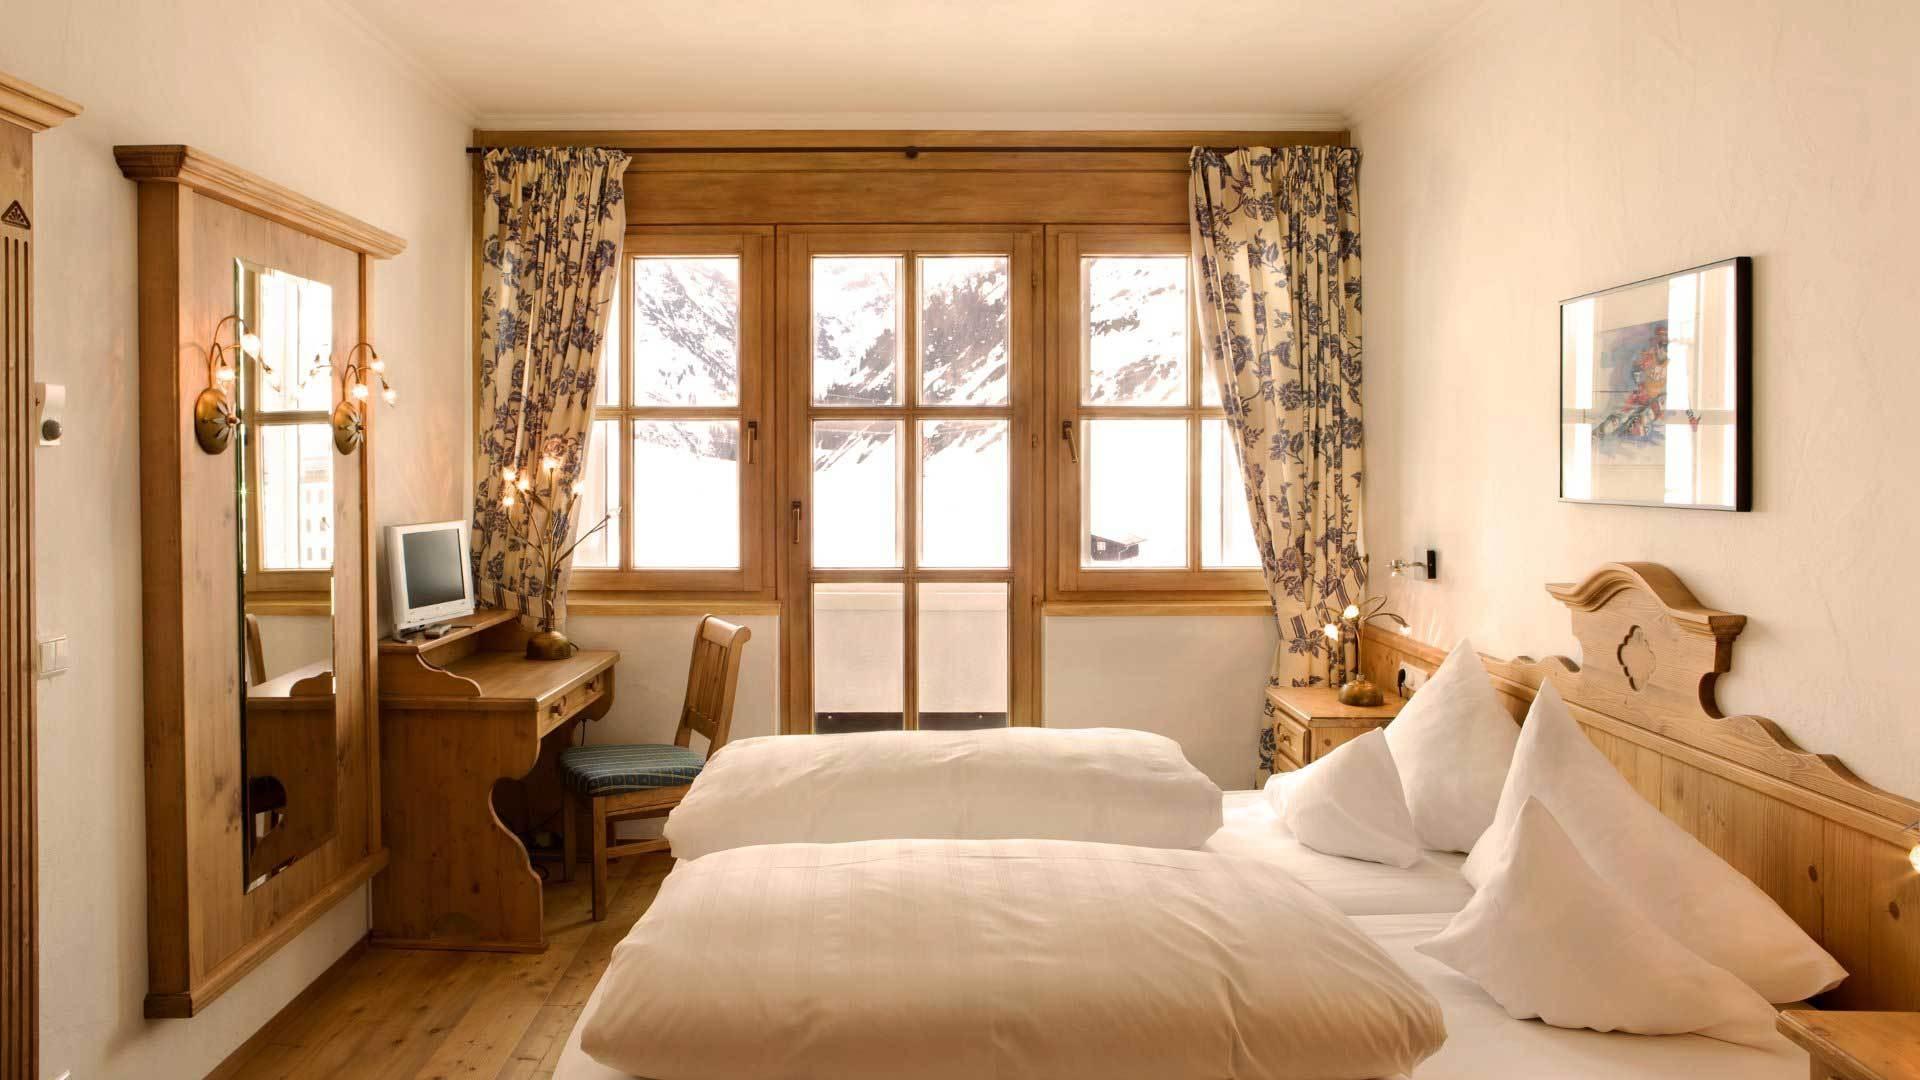 Fenster Zimmer Bett Schlafzimmer Innenarchitektur Hütte Immobilien Entwurf  Stock Stil Zuhause Möbel Bauernhaus Eigentum Grundeigentum Wohnzimmer